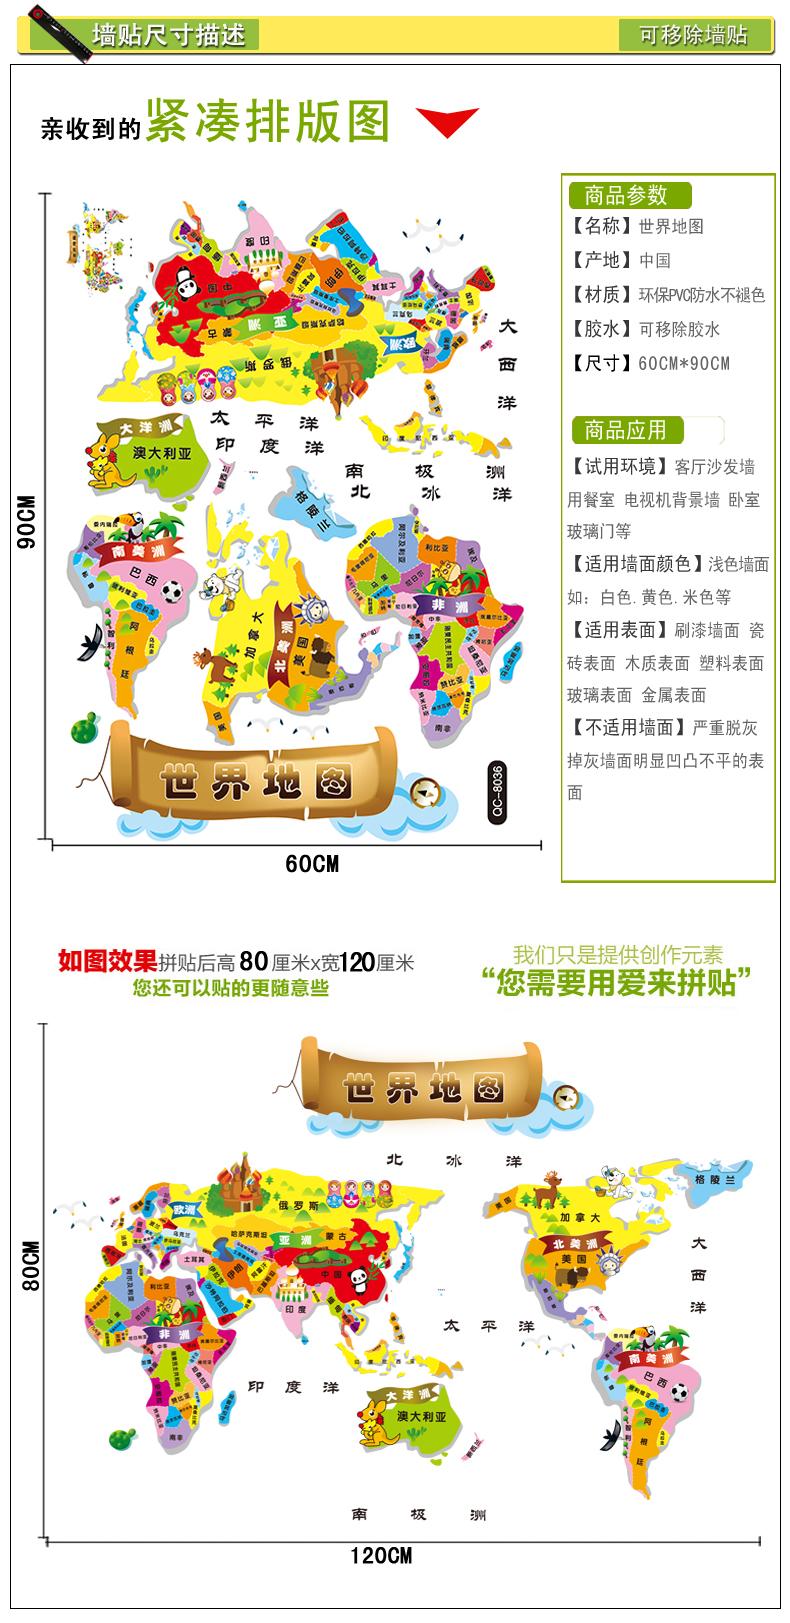 贴 幼儿园装饰贴纸卧室卡通墙贴画可移除贴饰世界地图贴纸